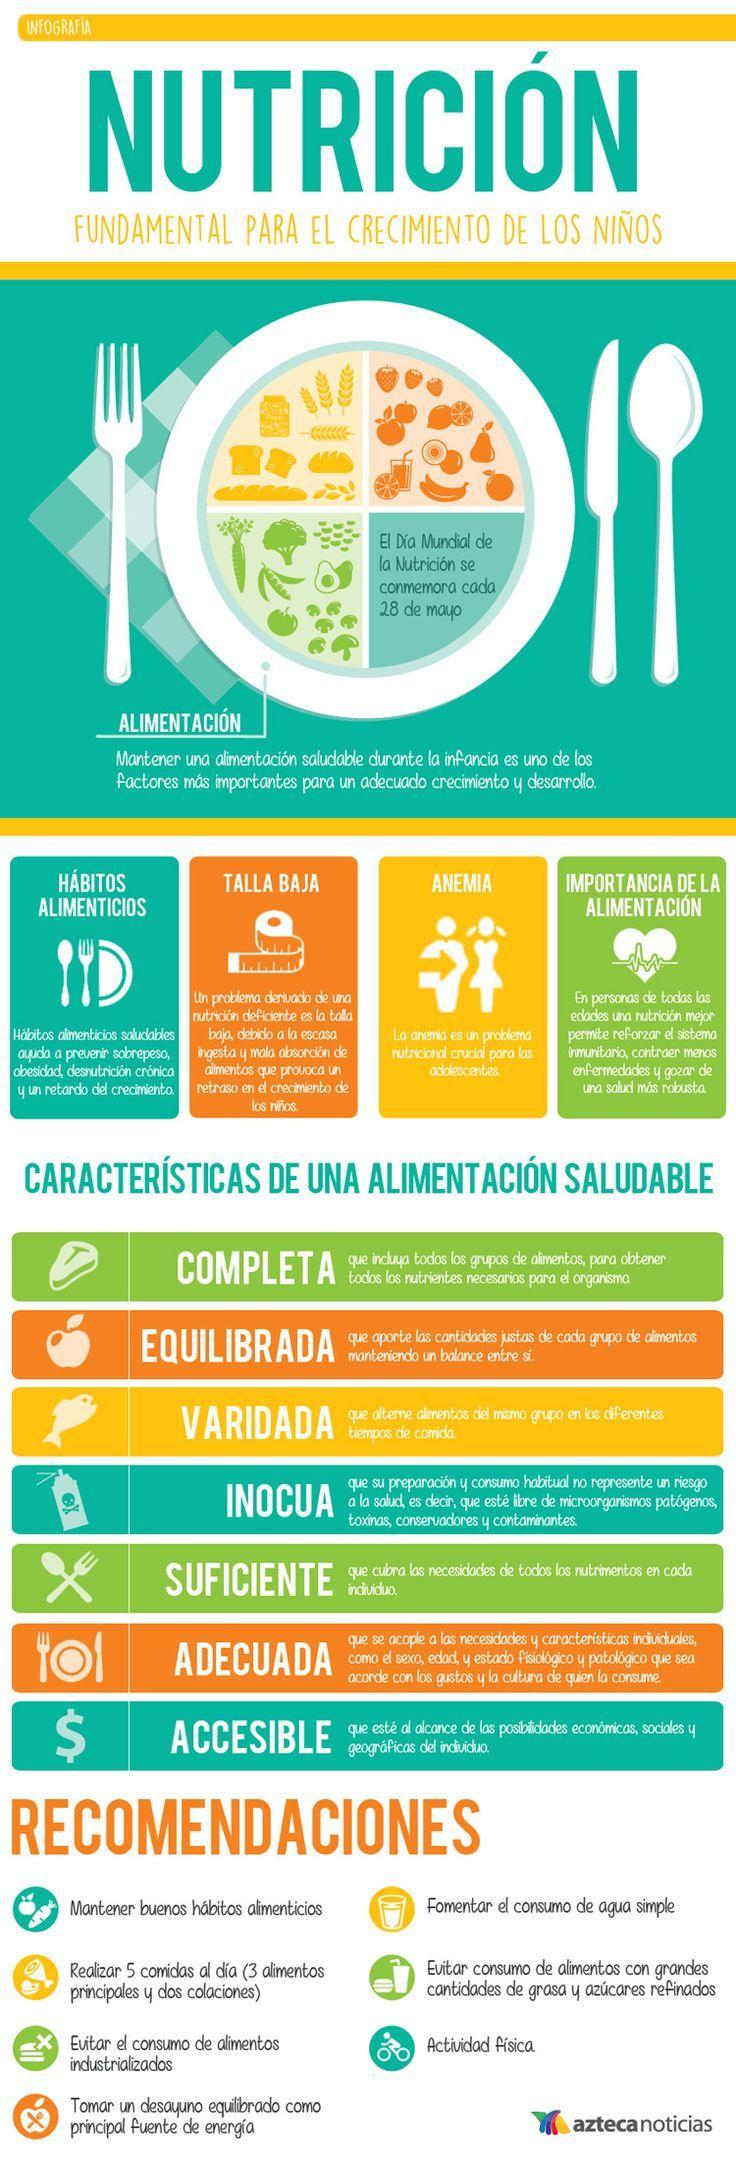 Nutrición para el desarrollo de nuestros pequeños ;) Tomad nota papás.